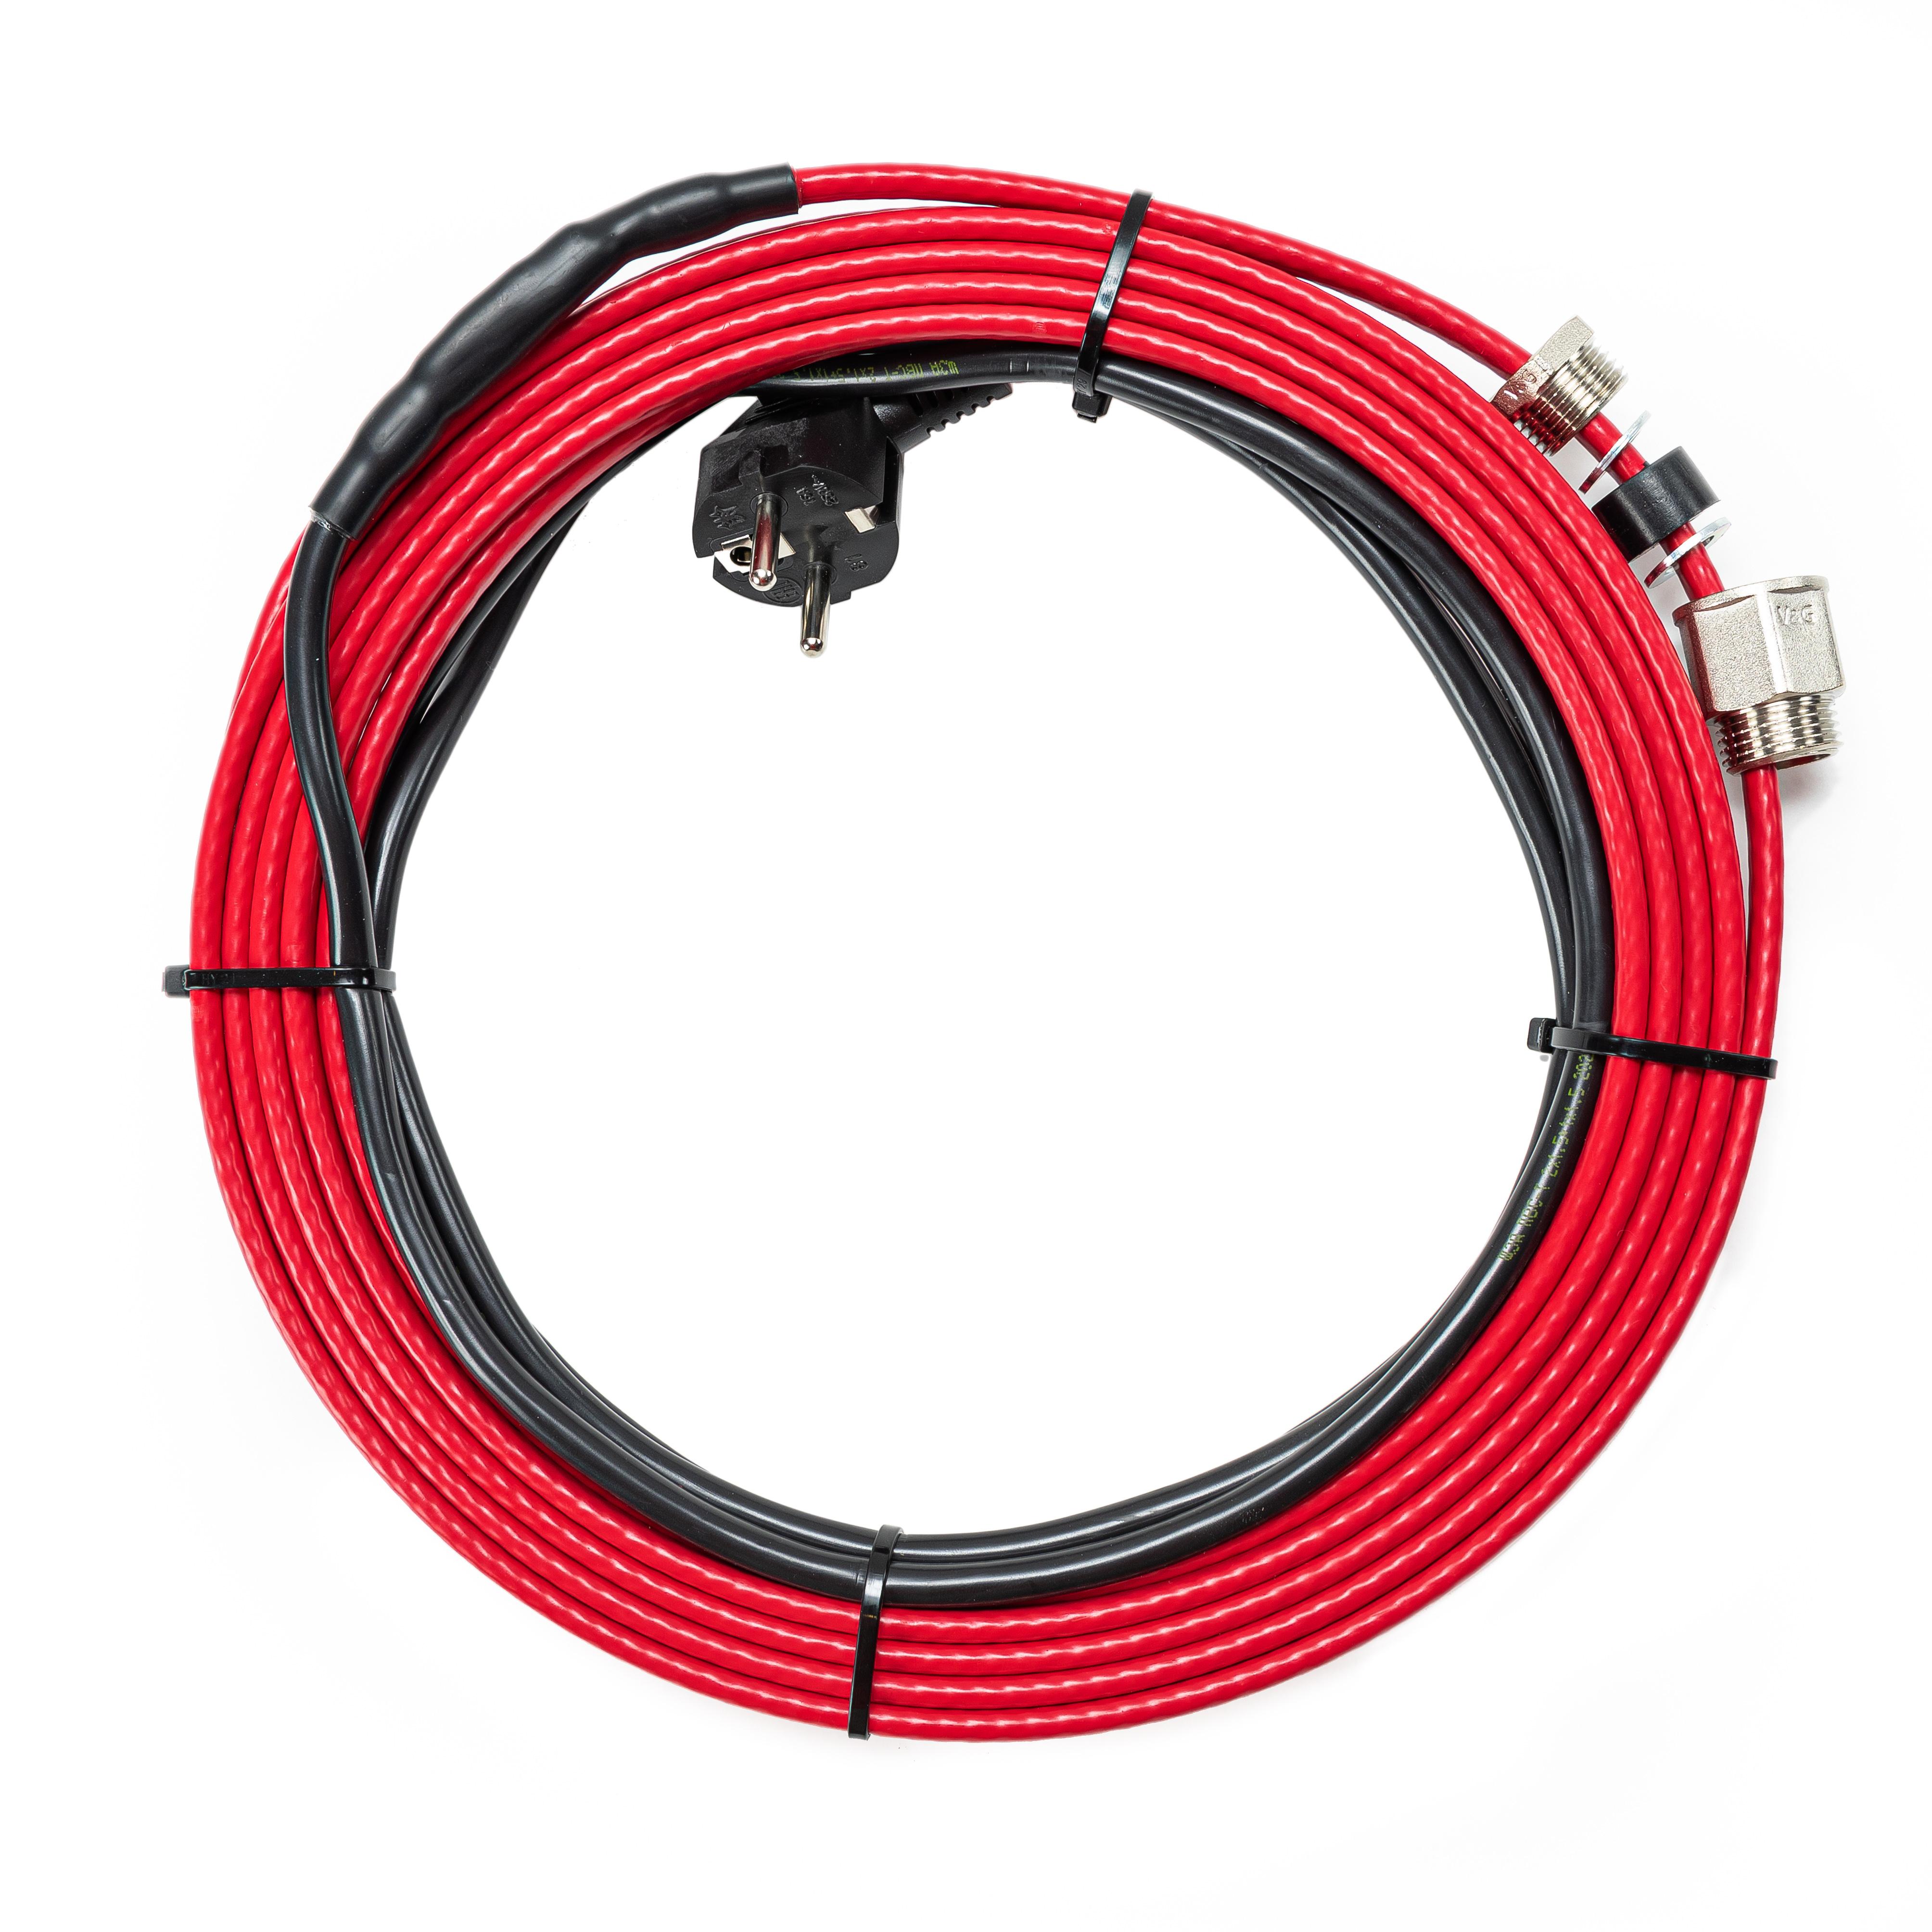 Греющий кабель саморегулирующийся в трубу 16 Вт/м, 16 Вт, готовый комплект, 1 метр